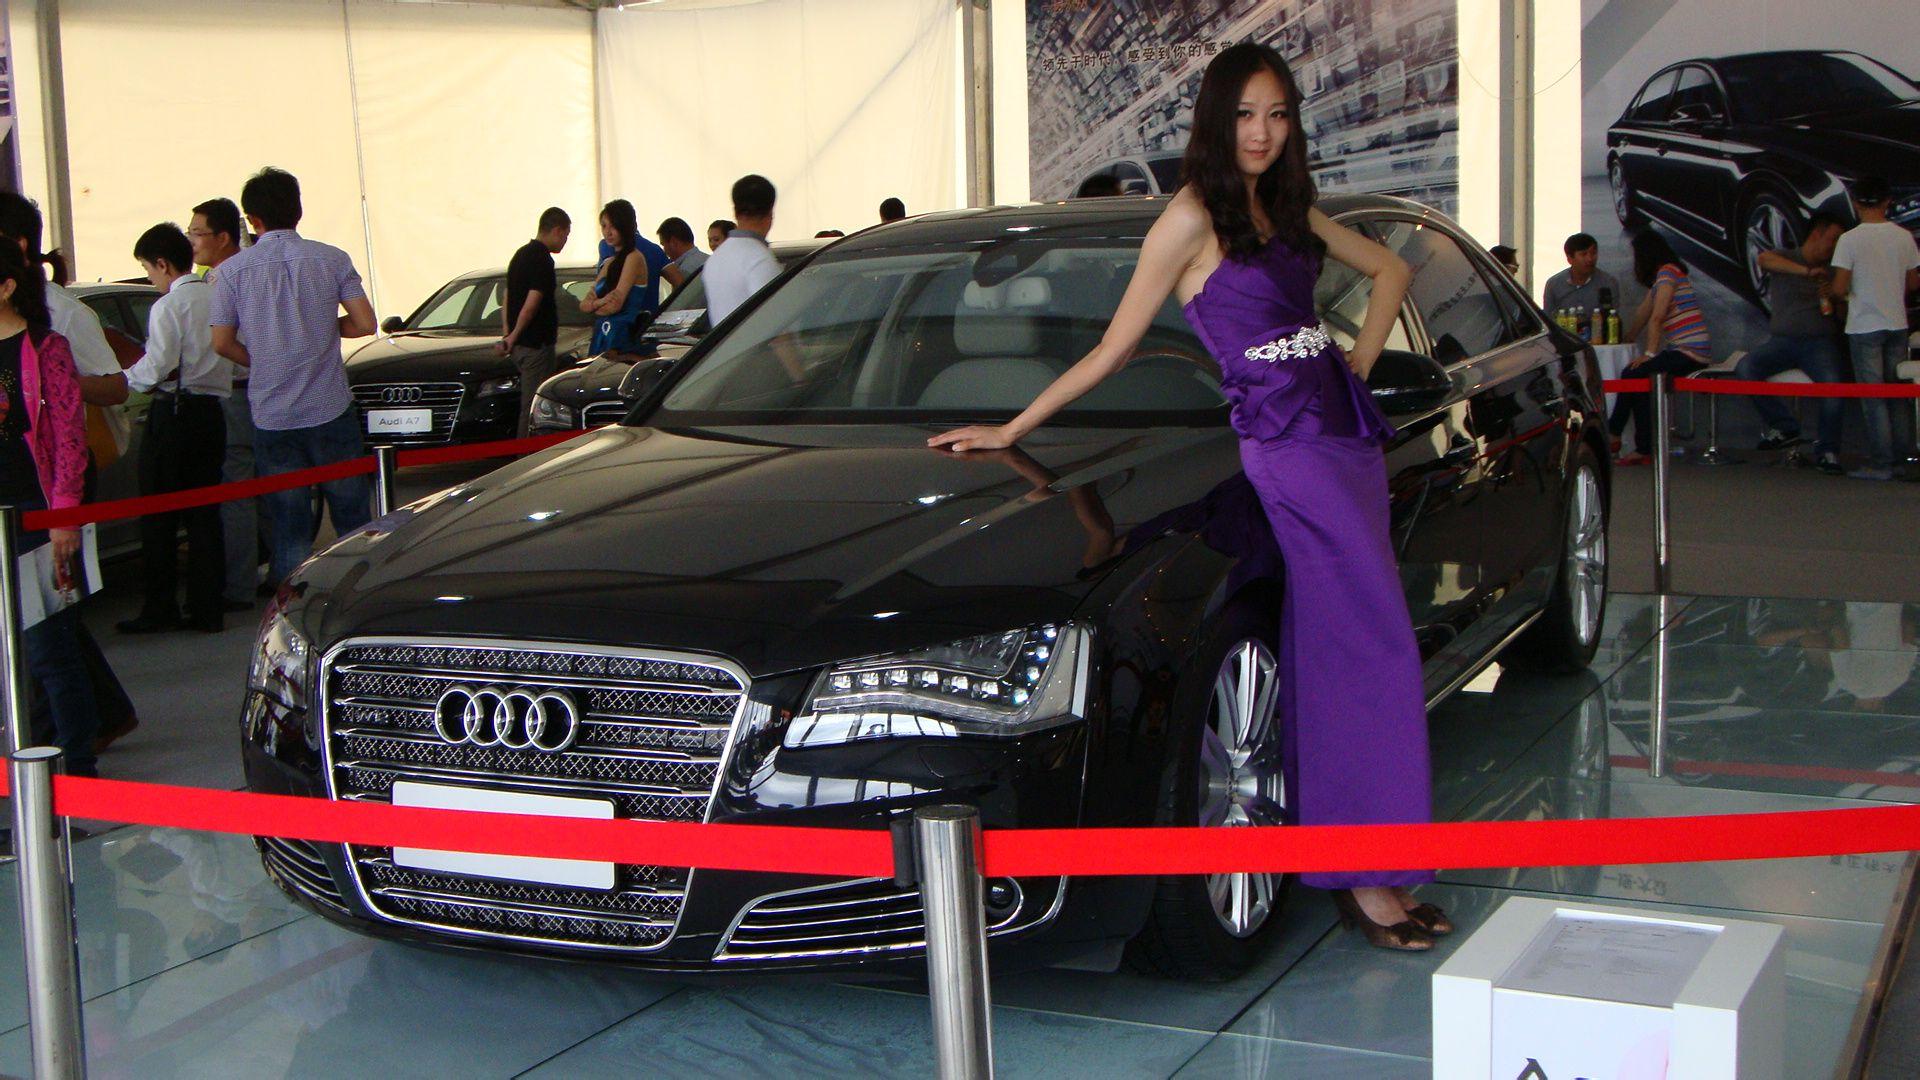 2012年6月1日鄂尔多斯康巴什车展中润锋奥迪展厅a8边上的车模,求详细